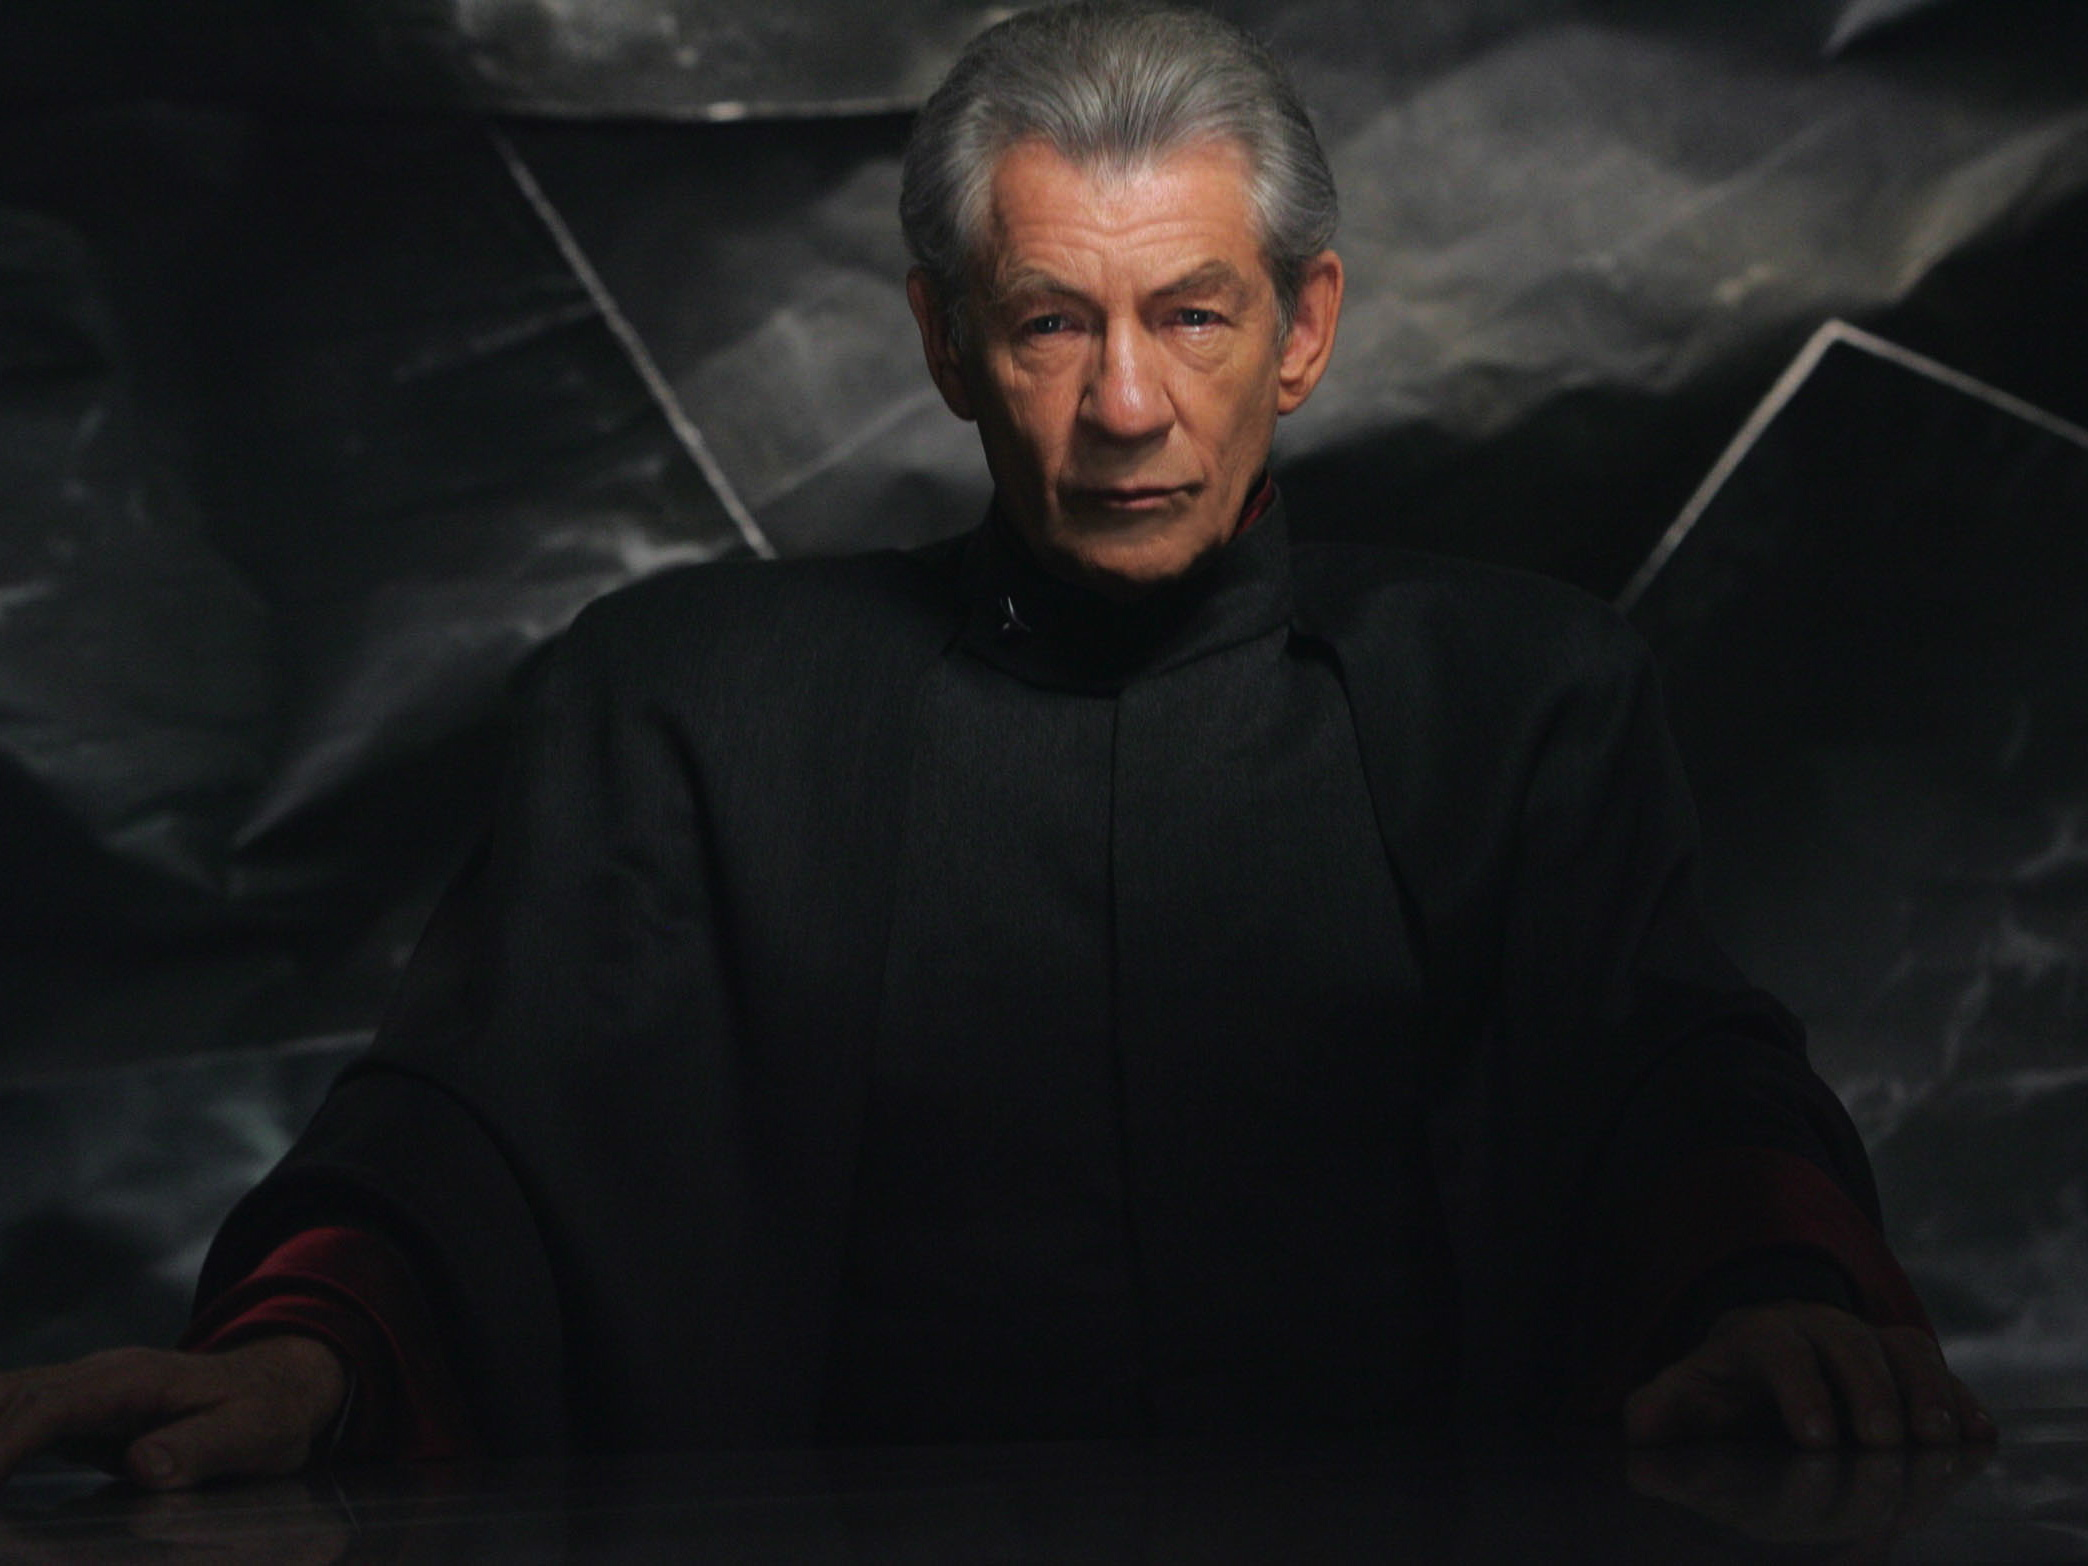 50 Great British actors, Sir Ian McKellen, X-Men: The Last Stand